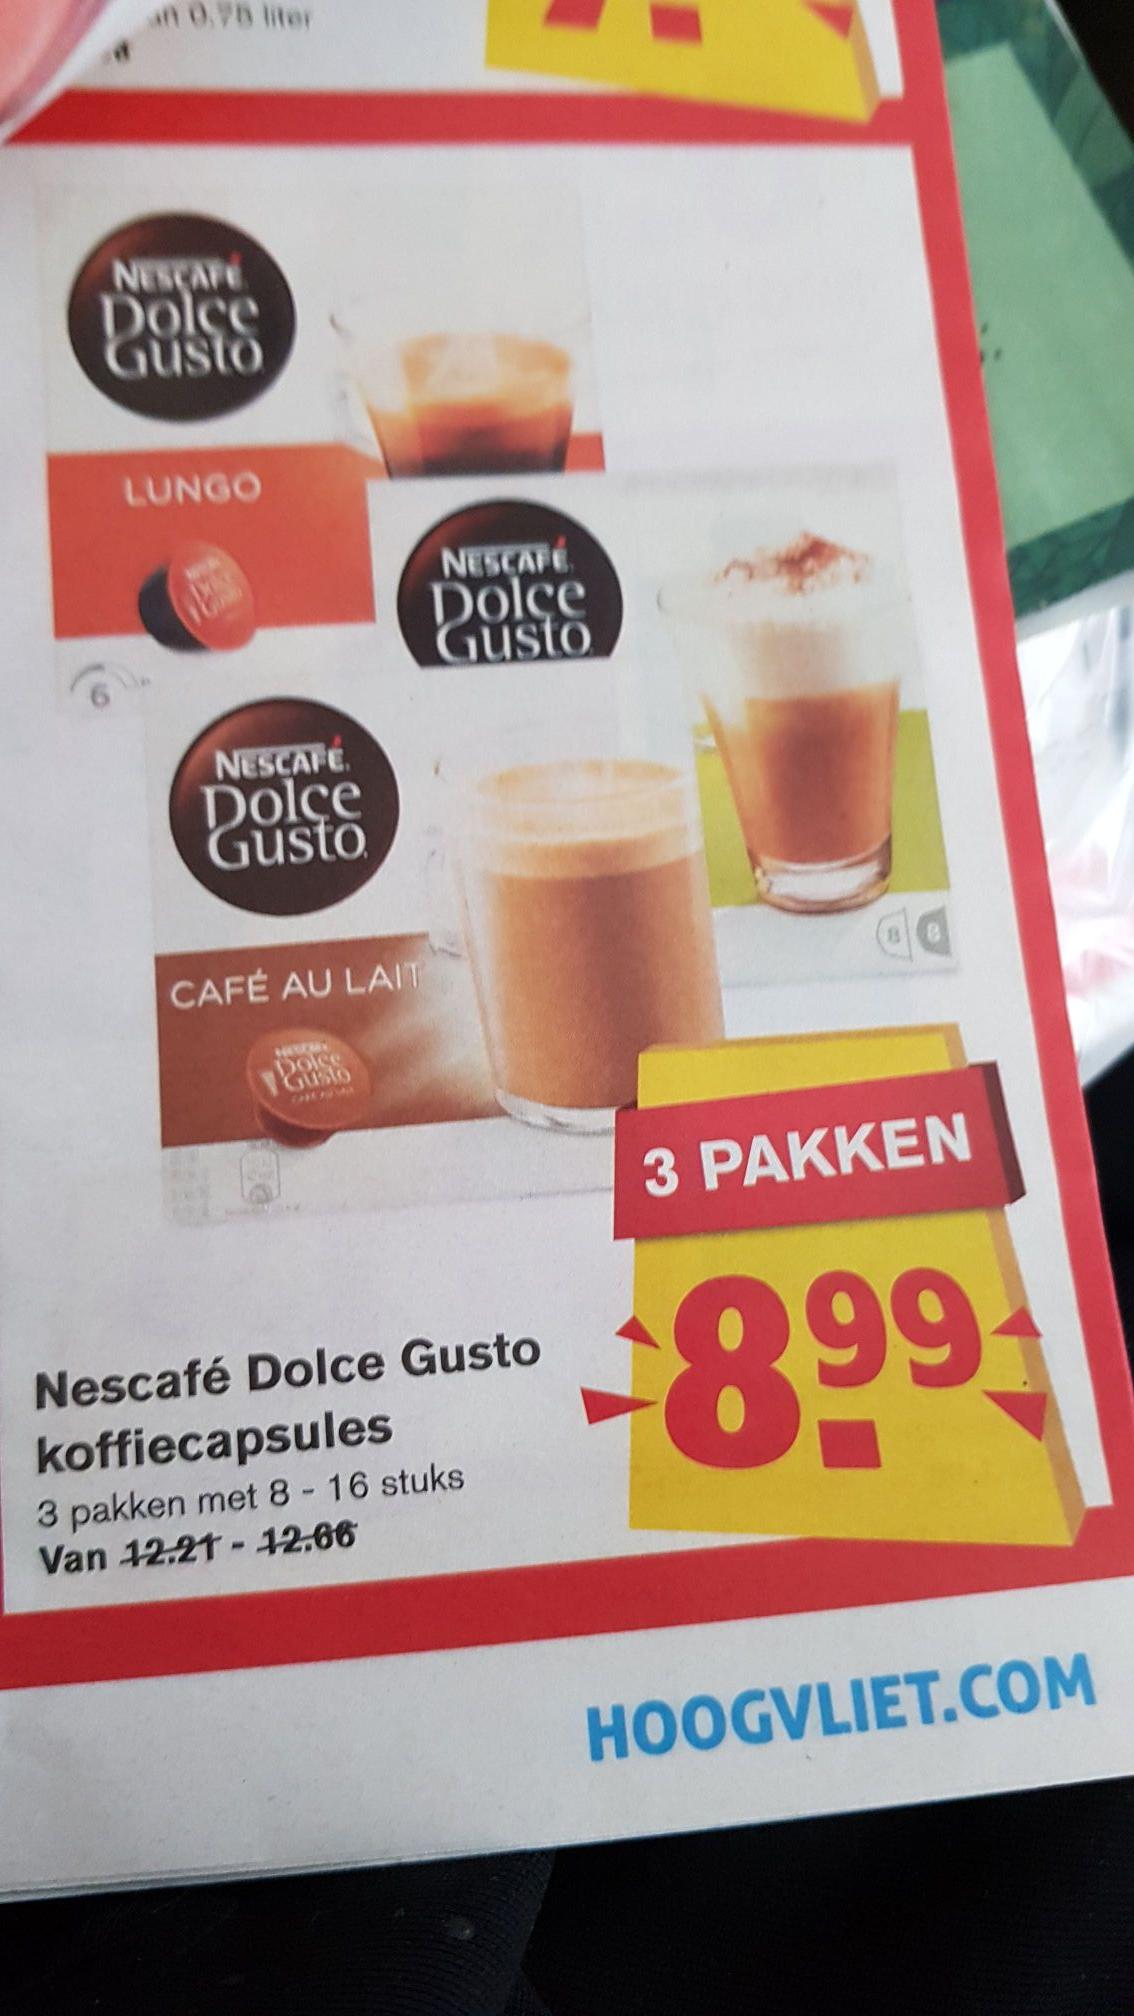 3 pakken Nescafe dolce gusto capsules voor €8,99 @ Hoogvliet